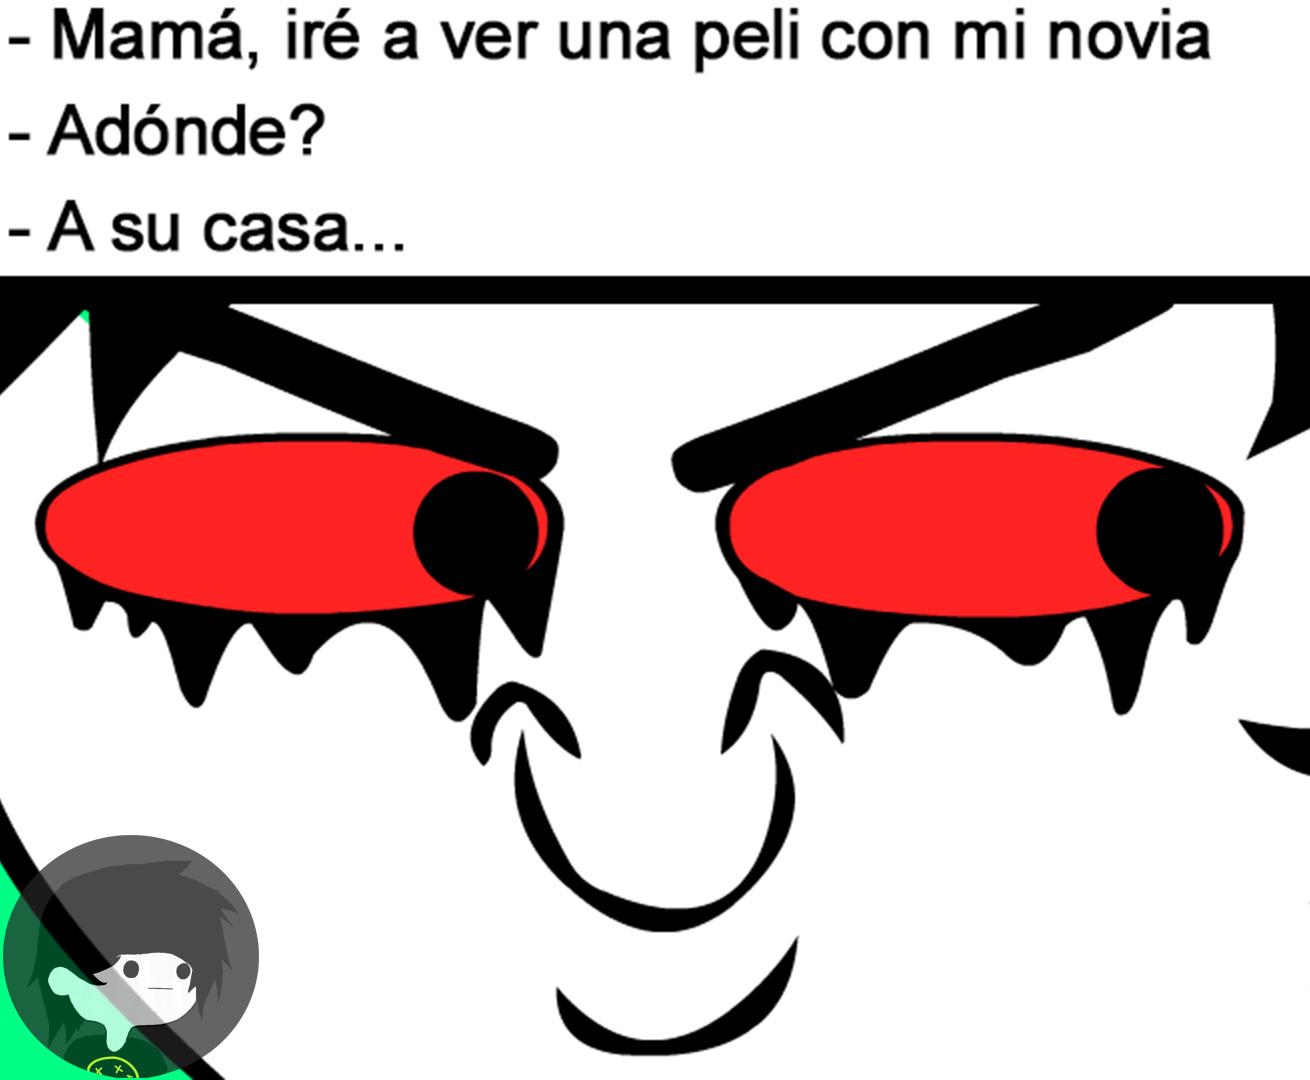 7u7 - meme